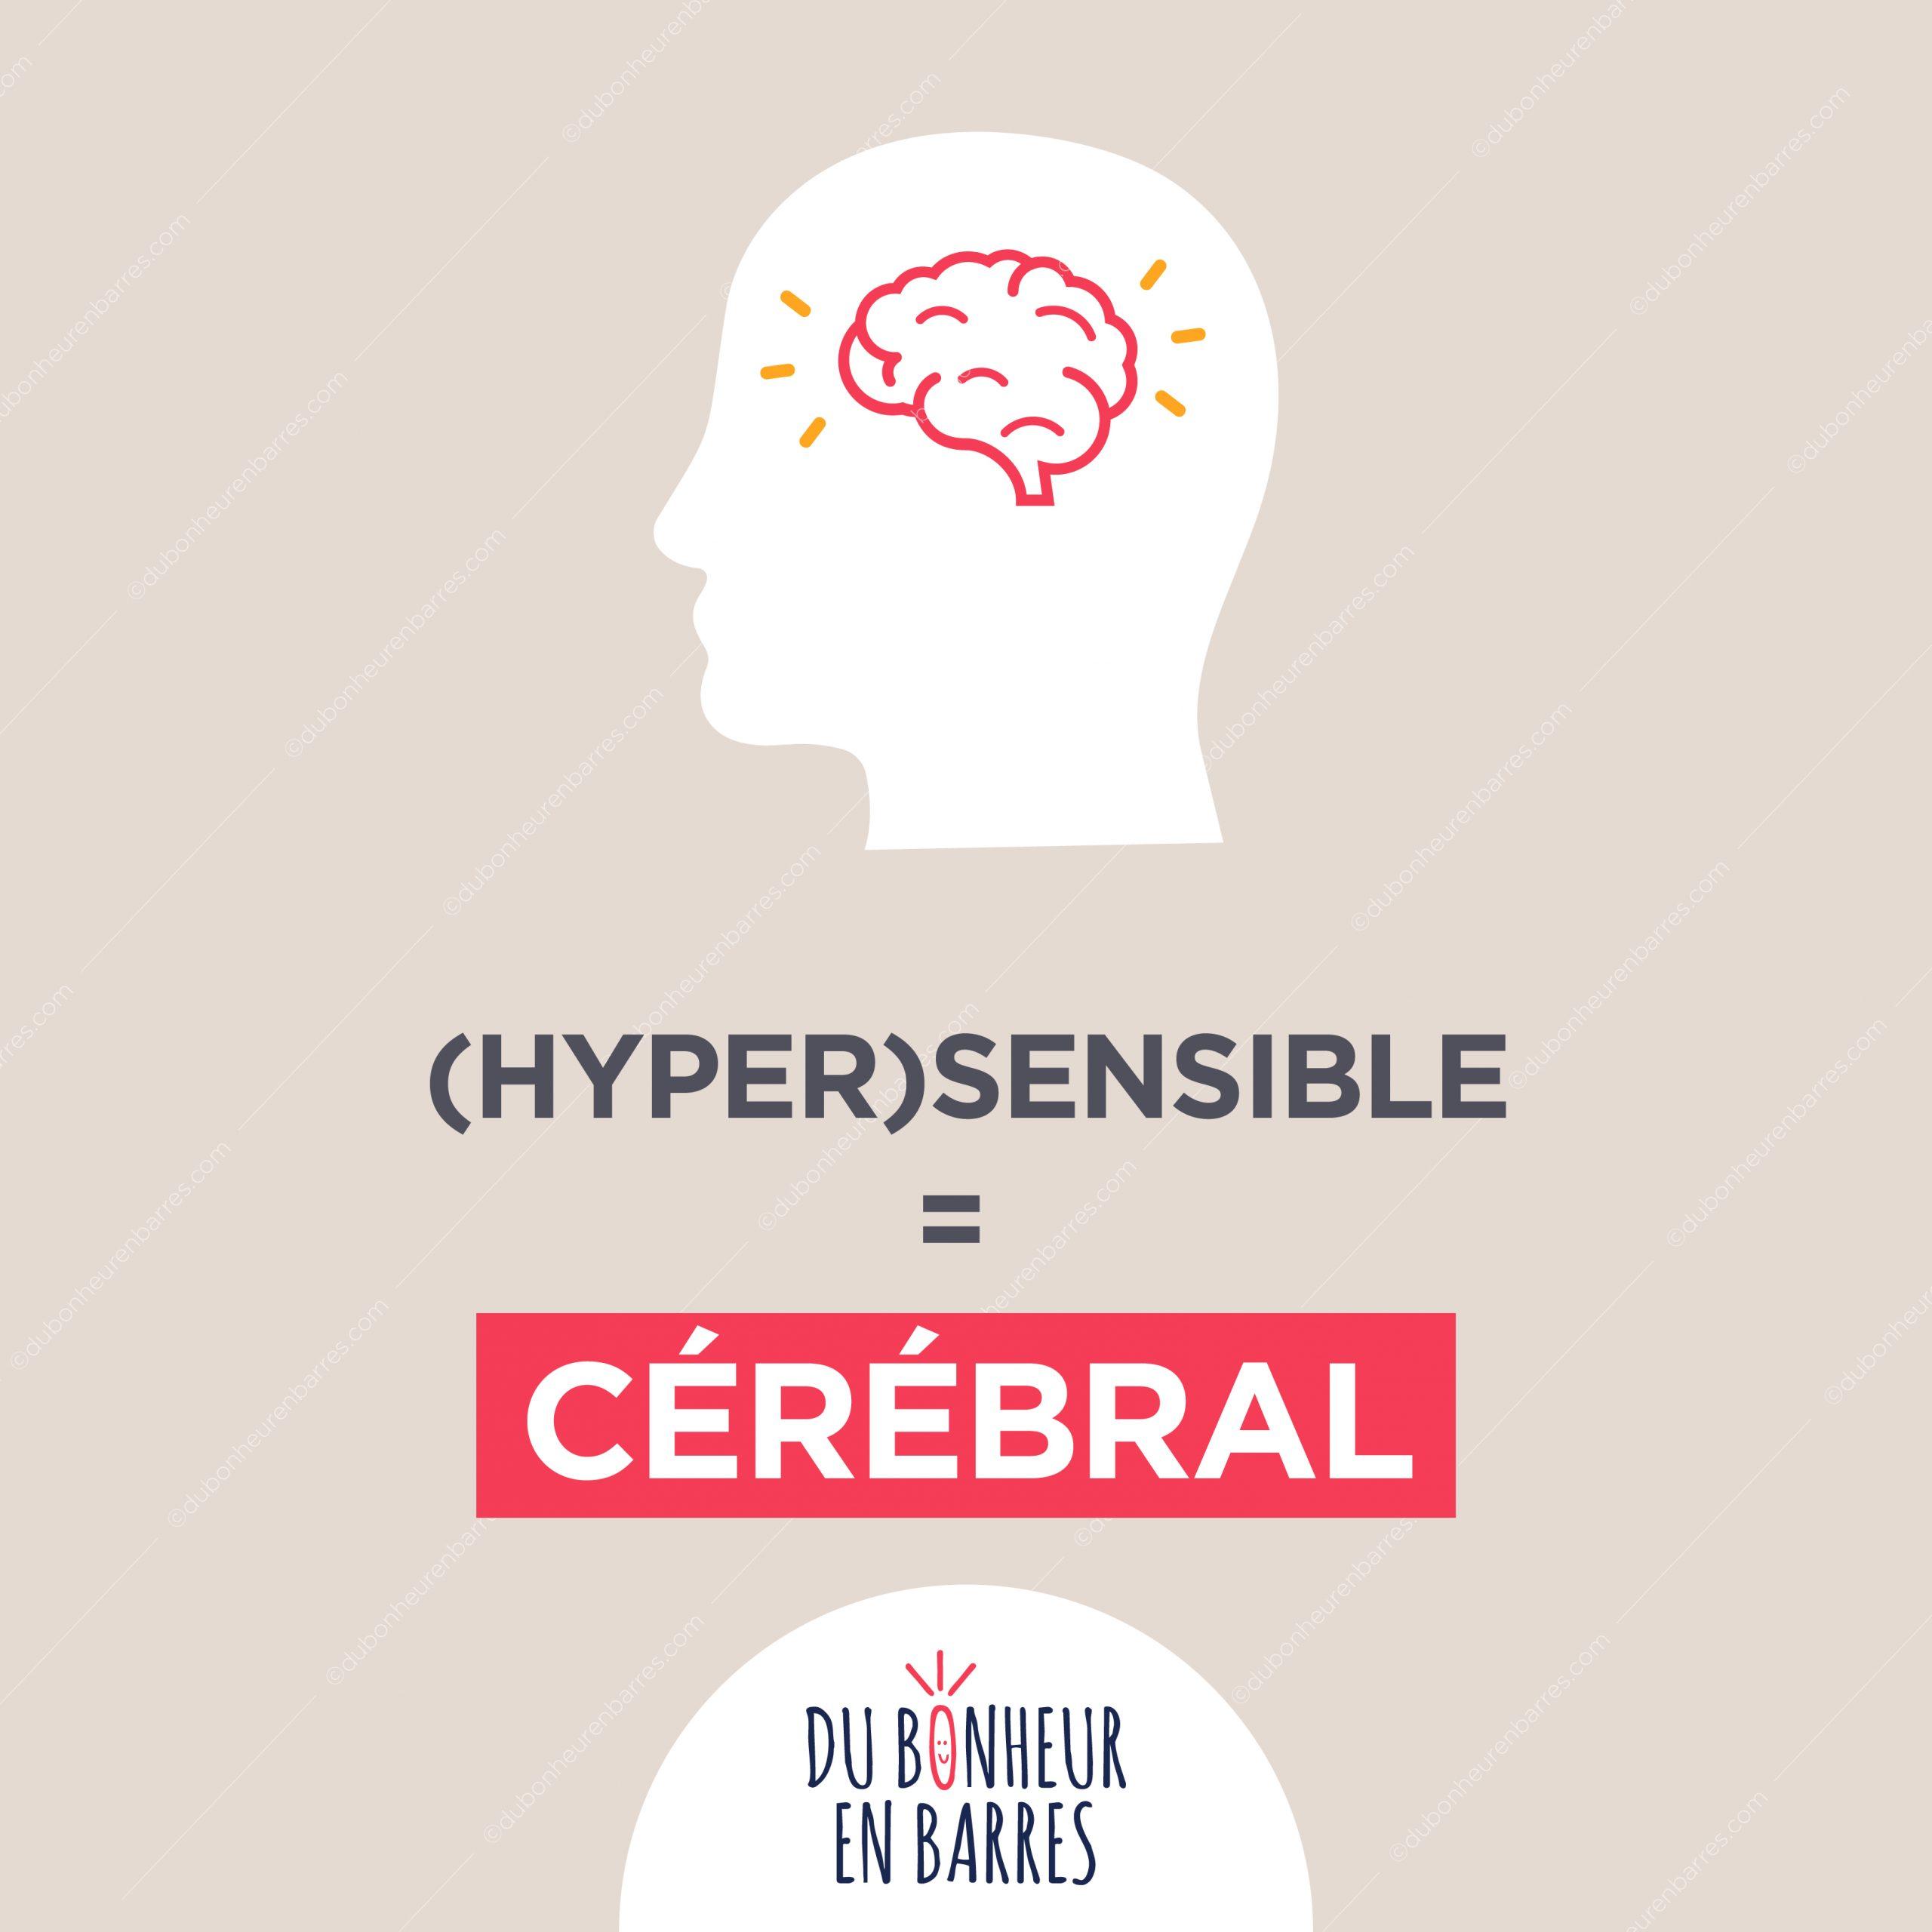 Hypersensible = cérébral